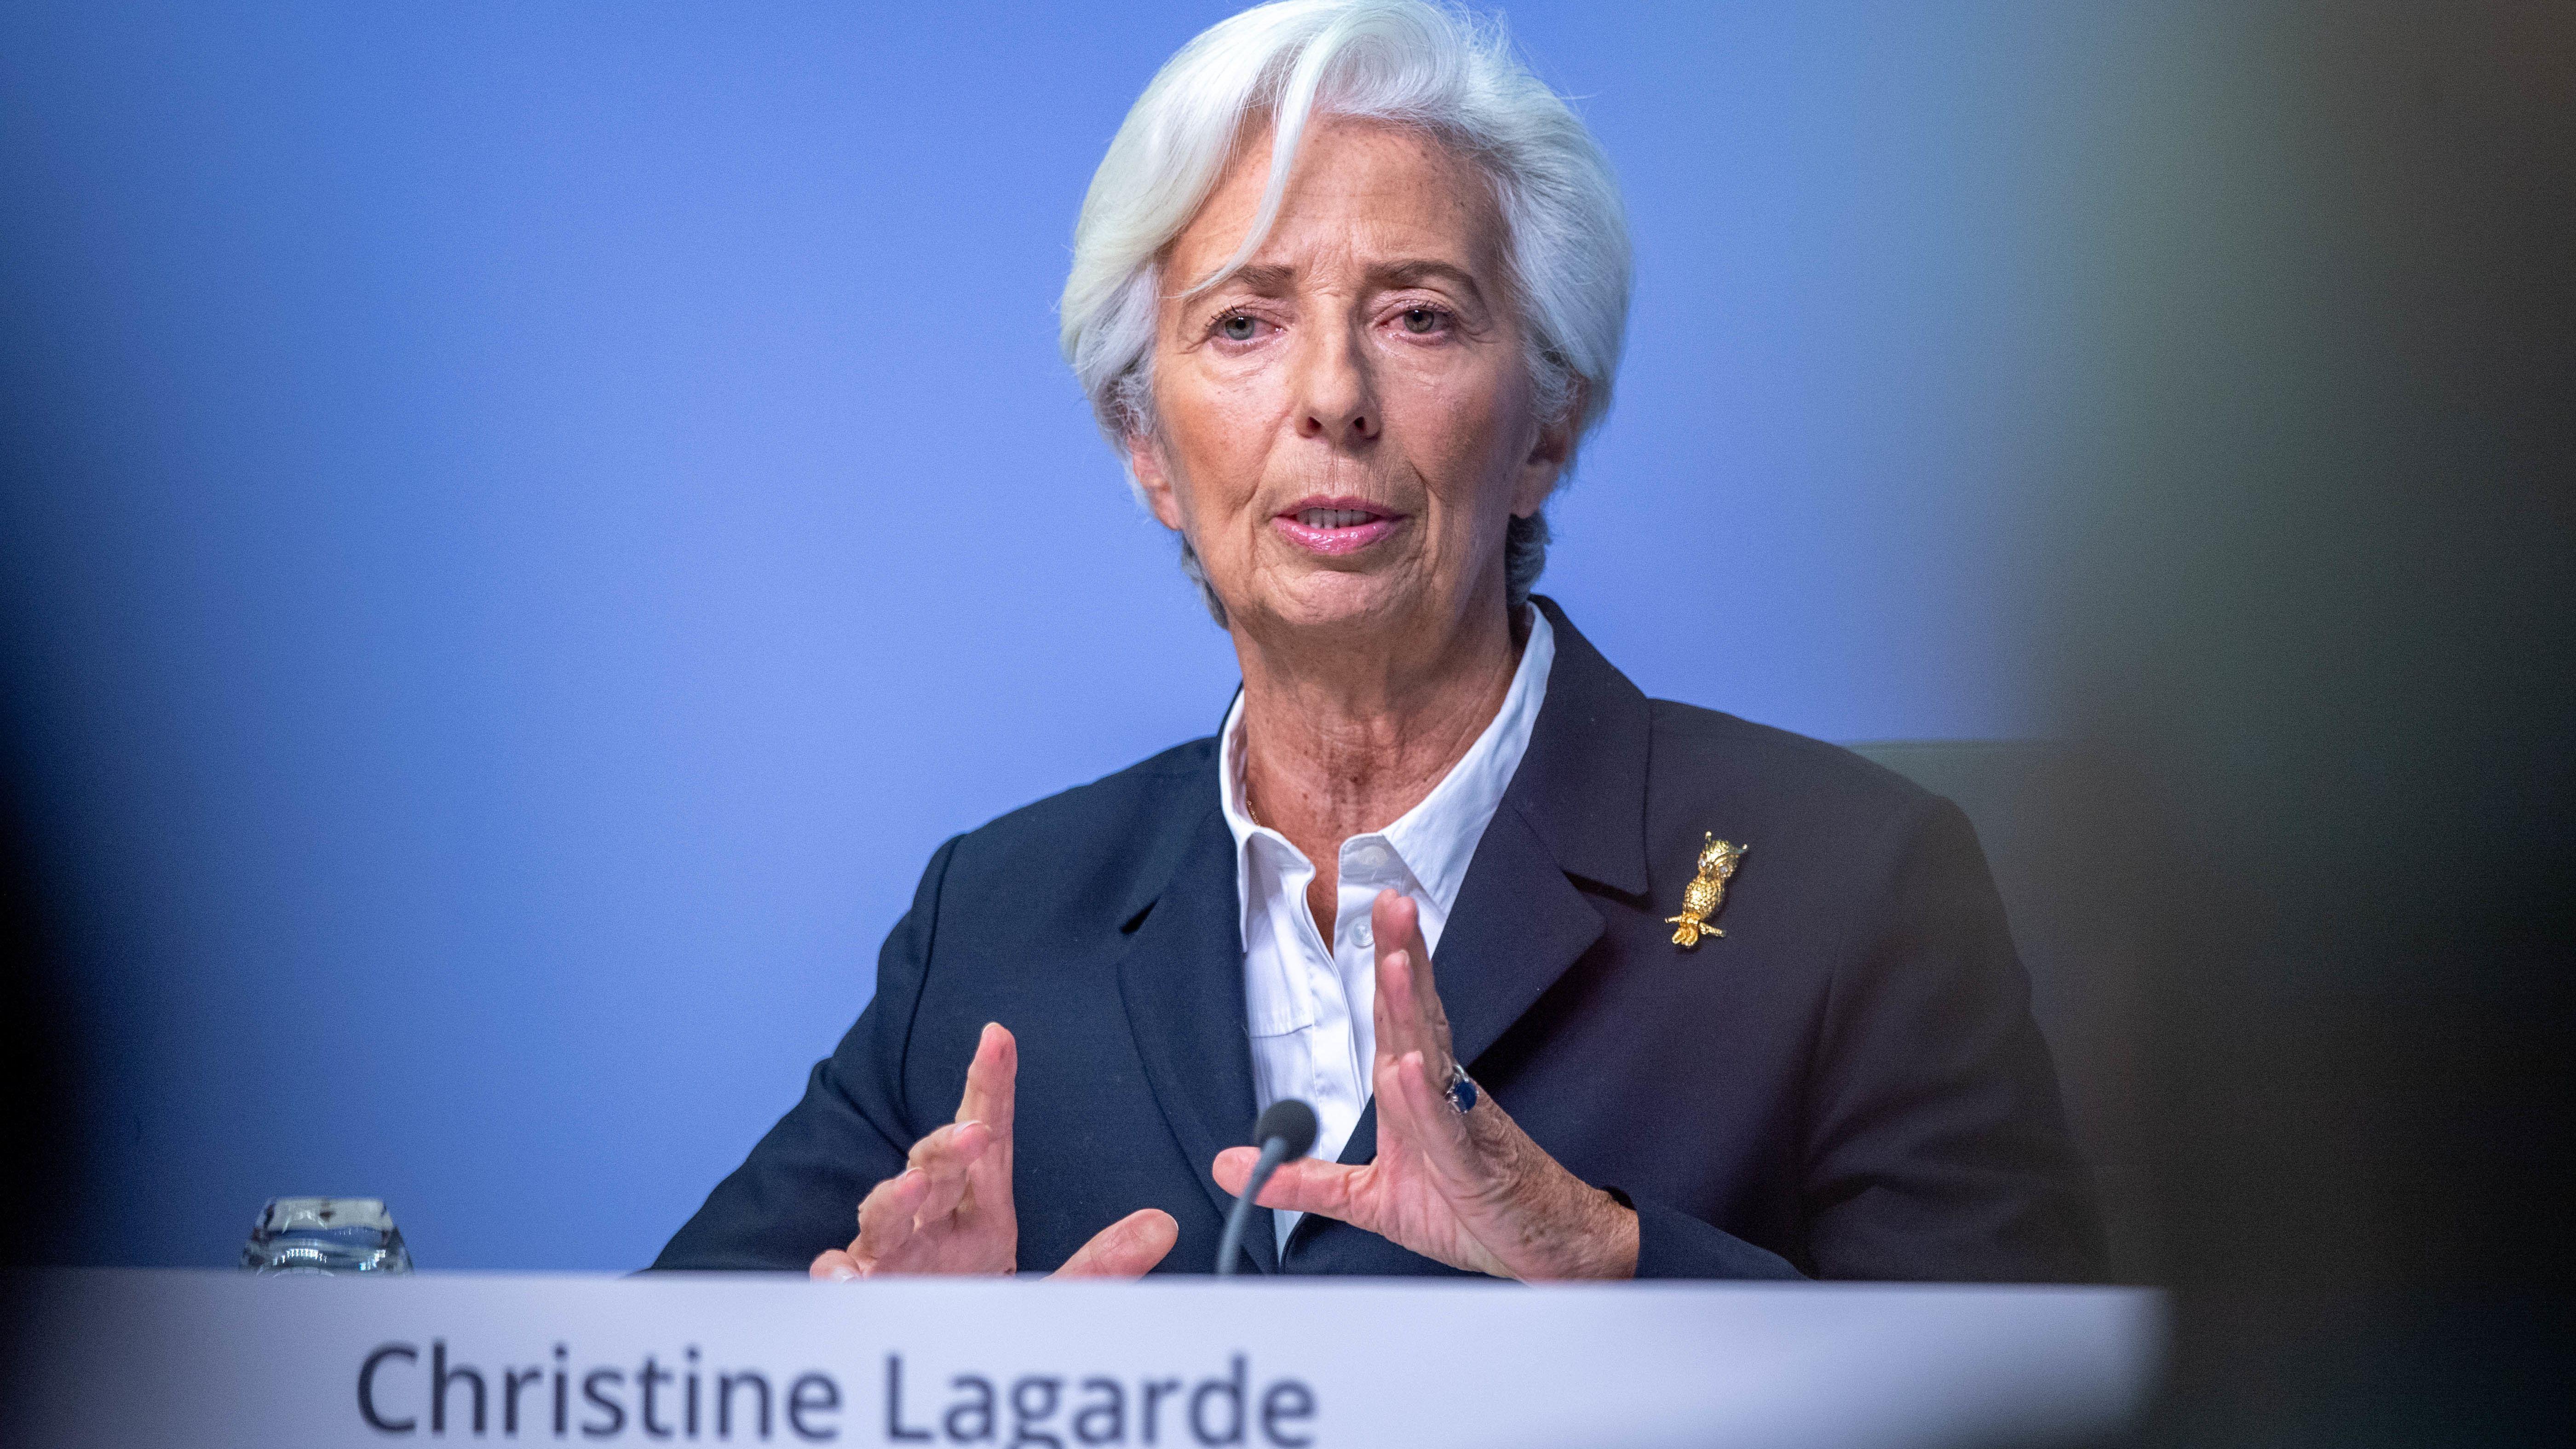 EZB-Präsidentin Christine Lagarde bei der Pressekonferenz der EZB am 23.01.20